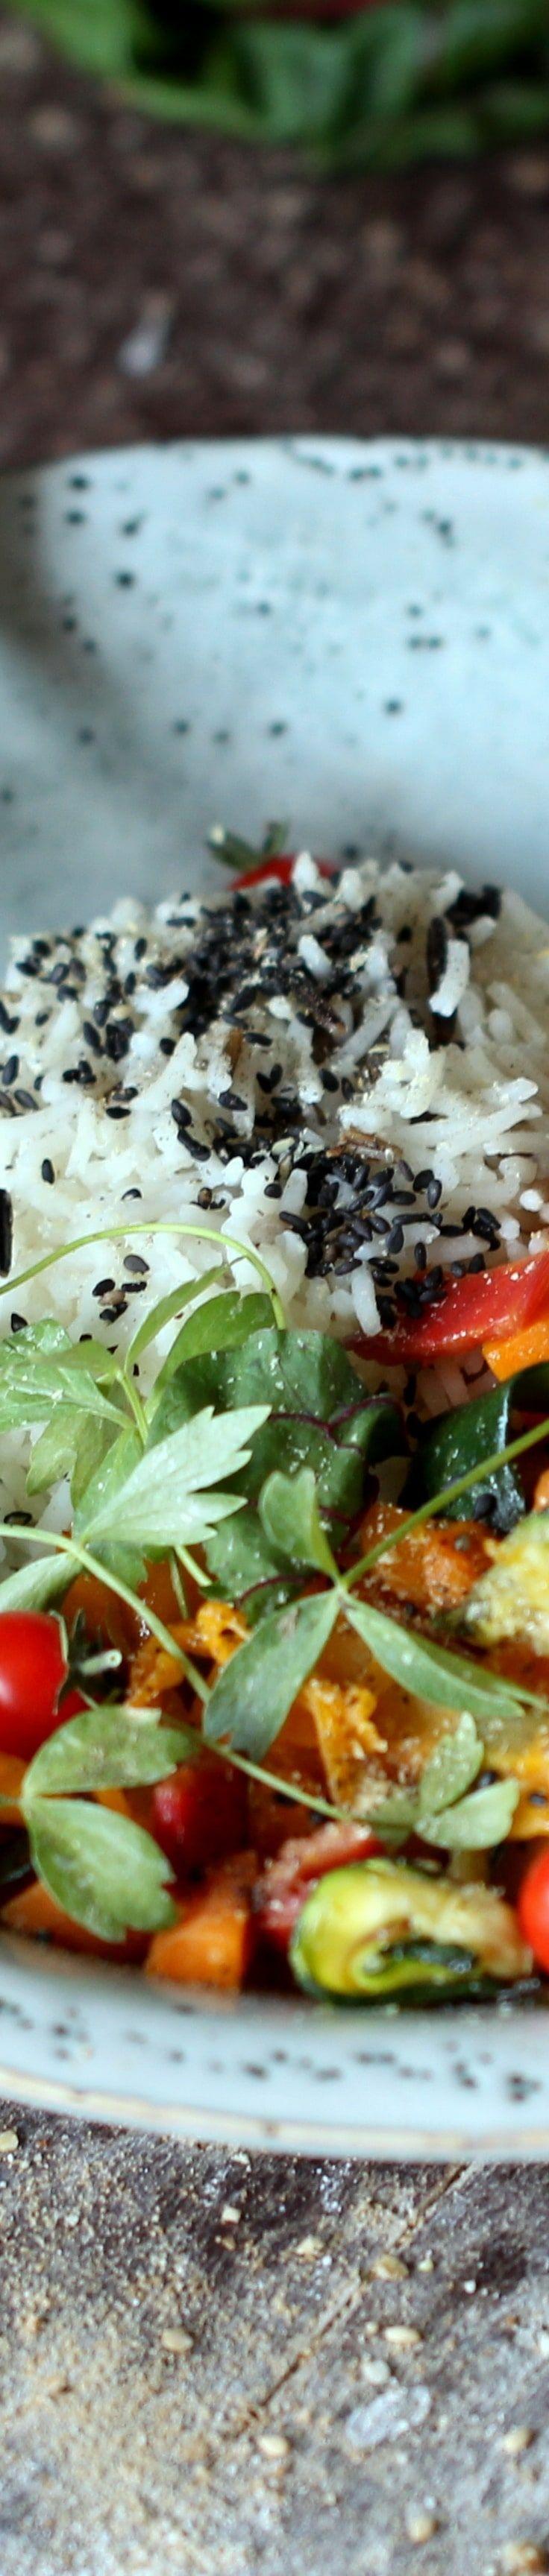 Regenbogen Reis Pfanne - mit Basmati Reis und Gemüse